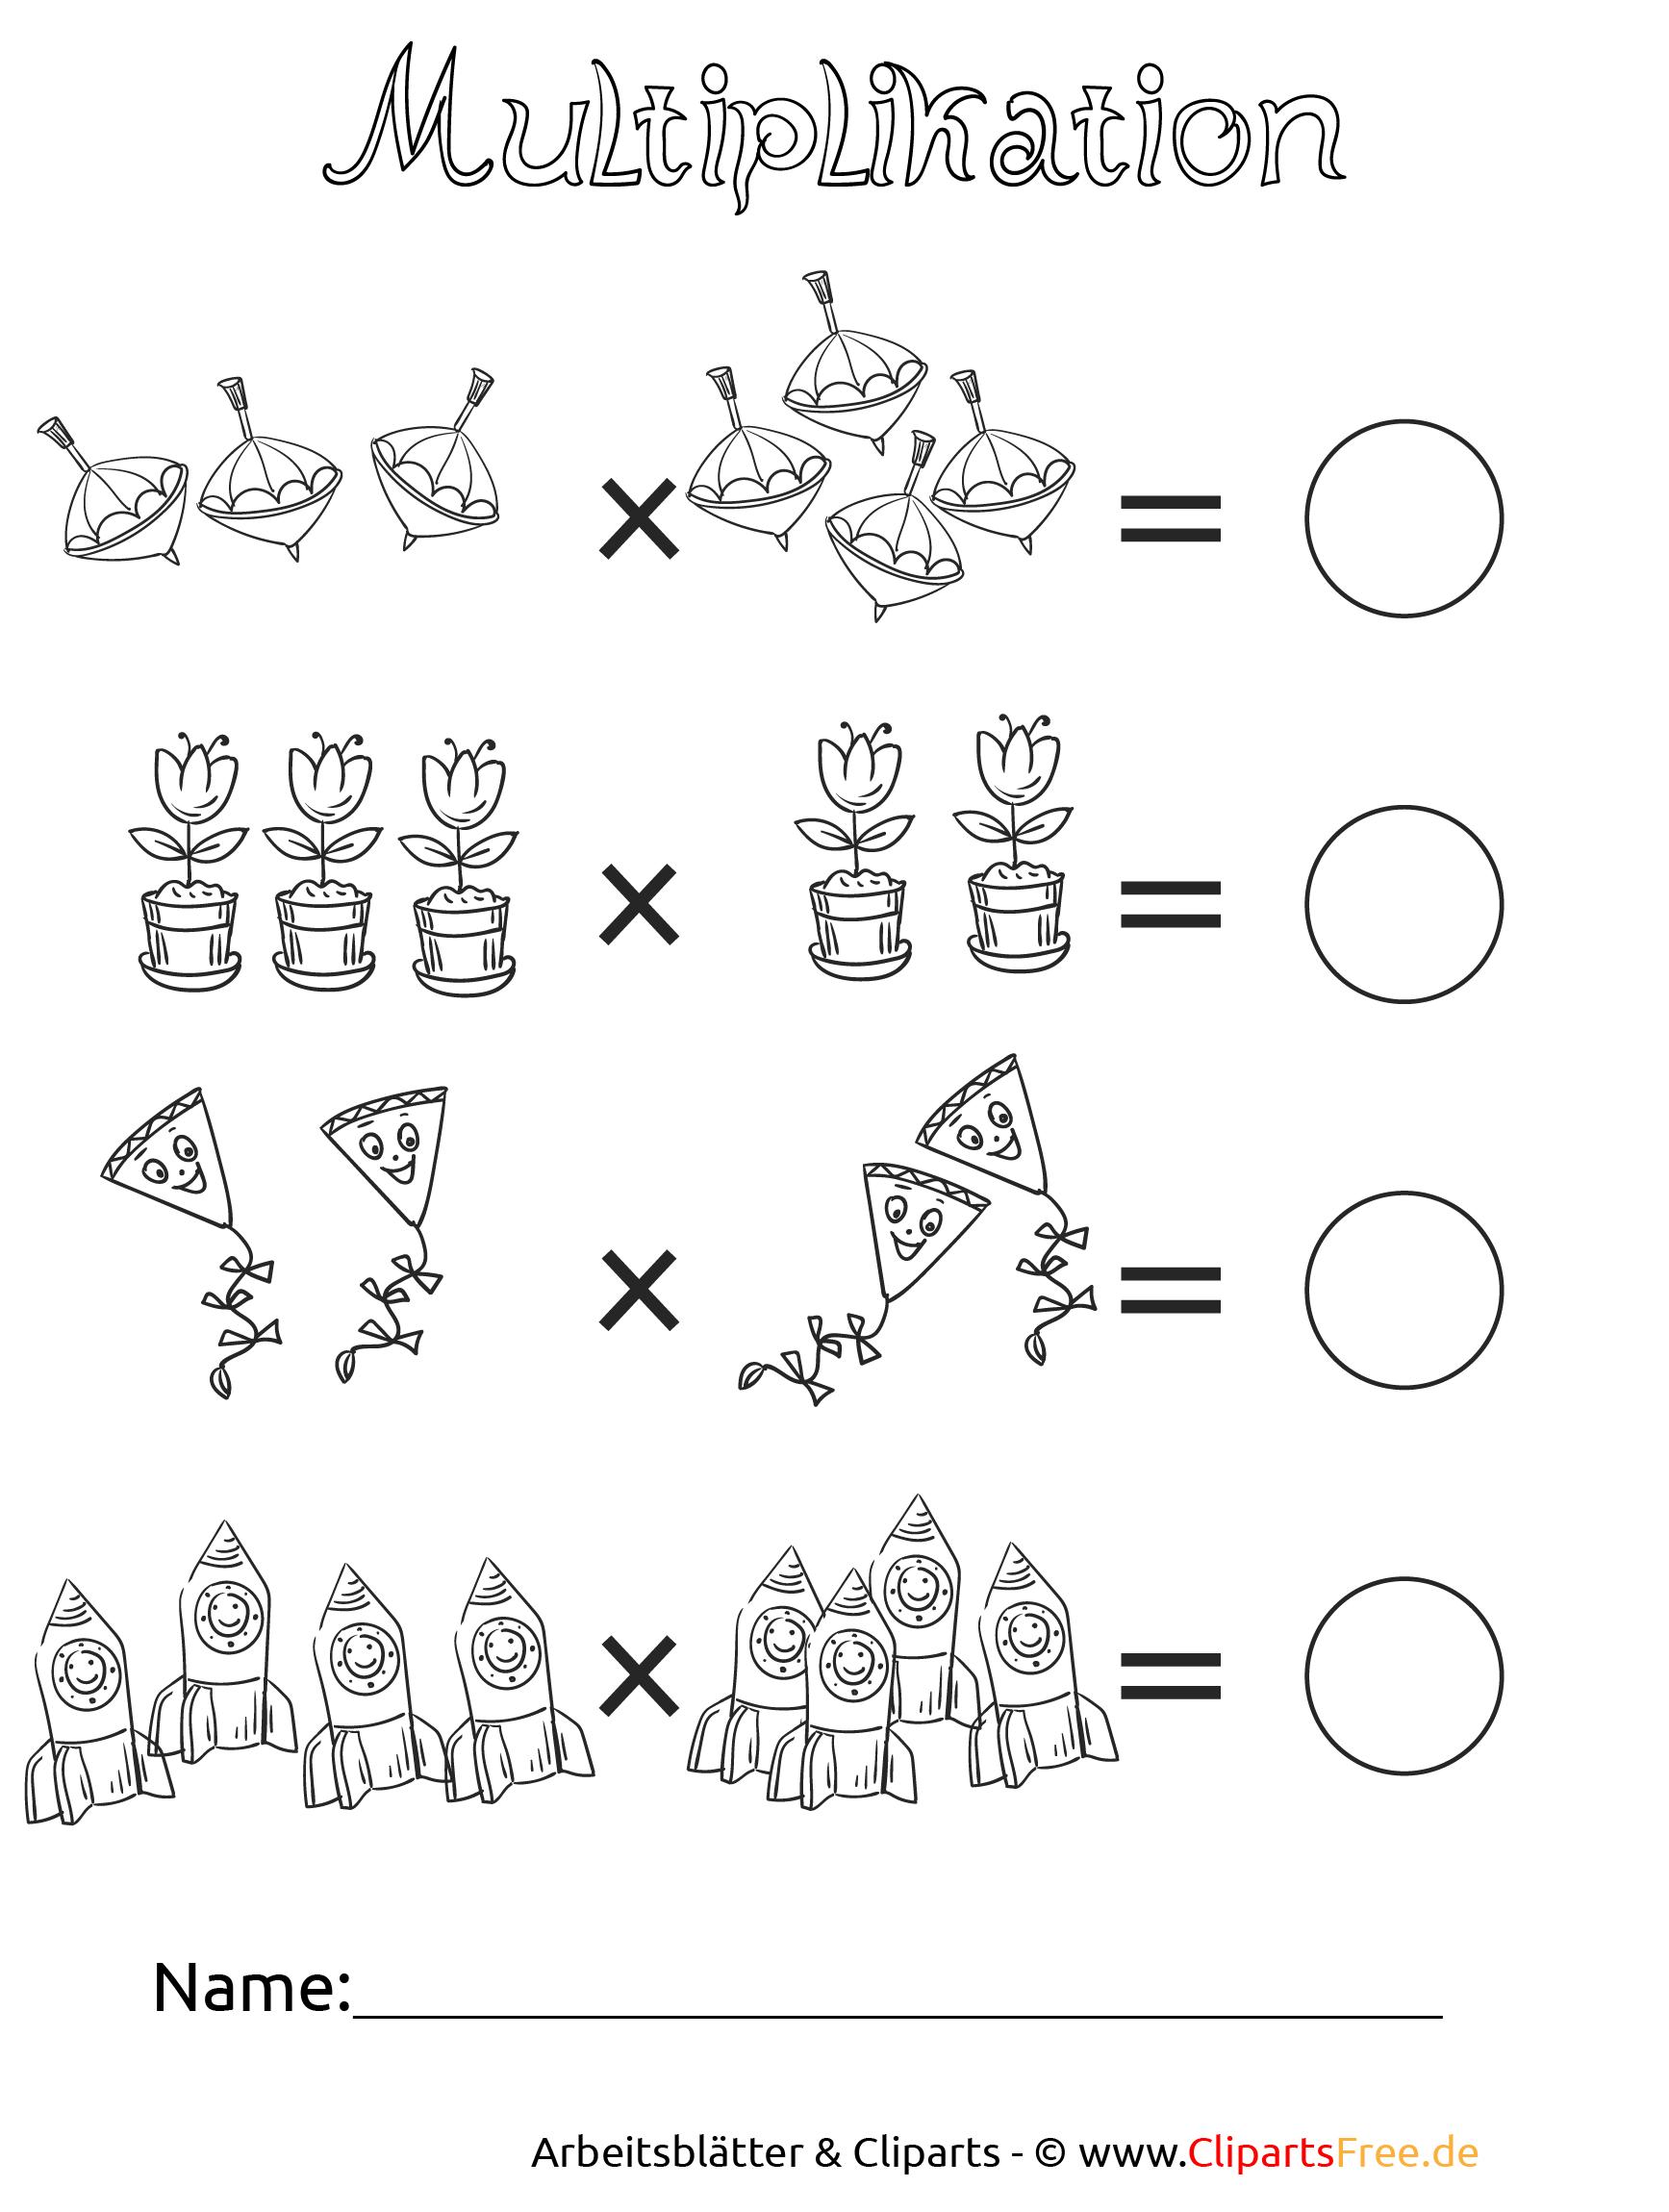 Arbeitsblätter Mathematik Oebv : Multiplikation druckvorlagen in der grundschule